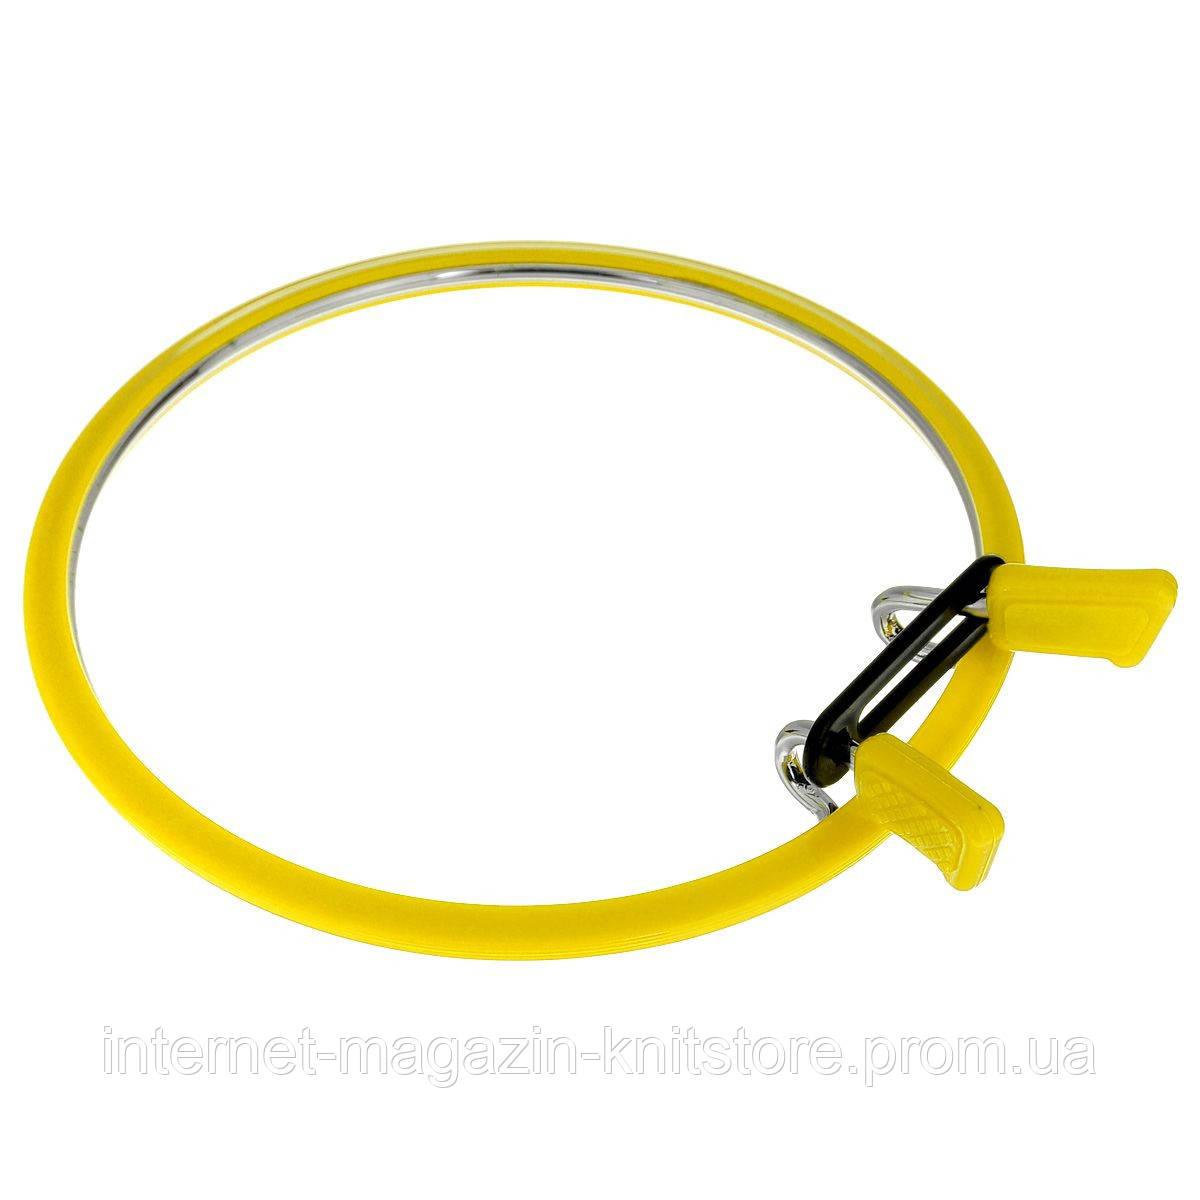 Пяльцы металлические Nurge  Ø 195 мм желтый